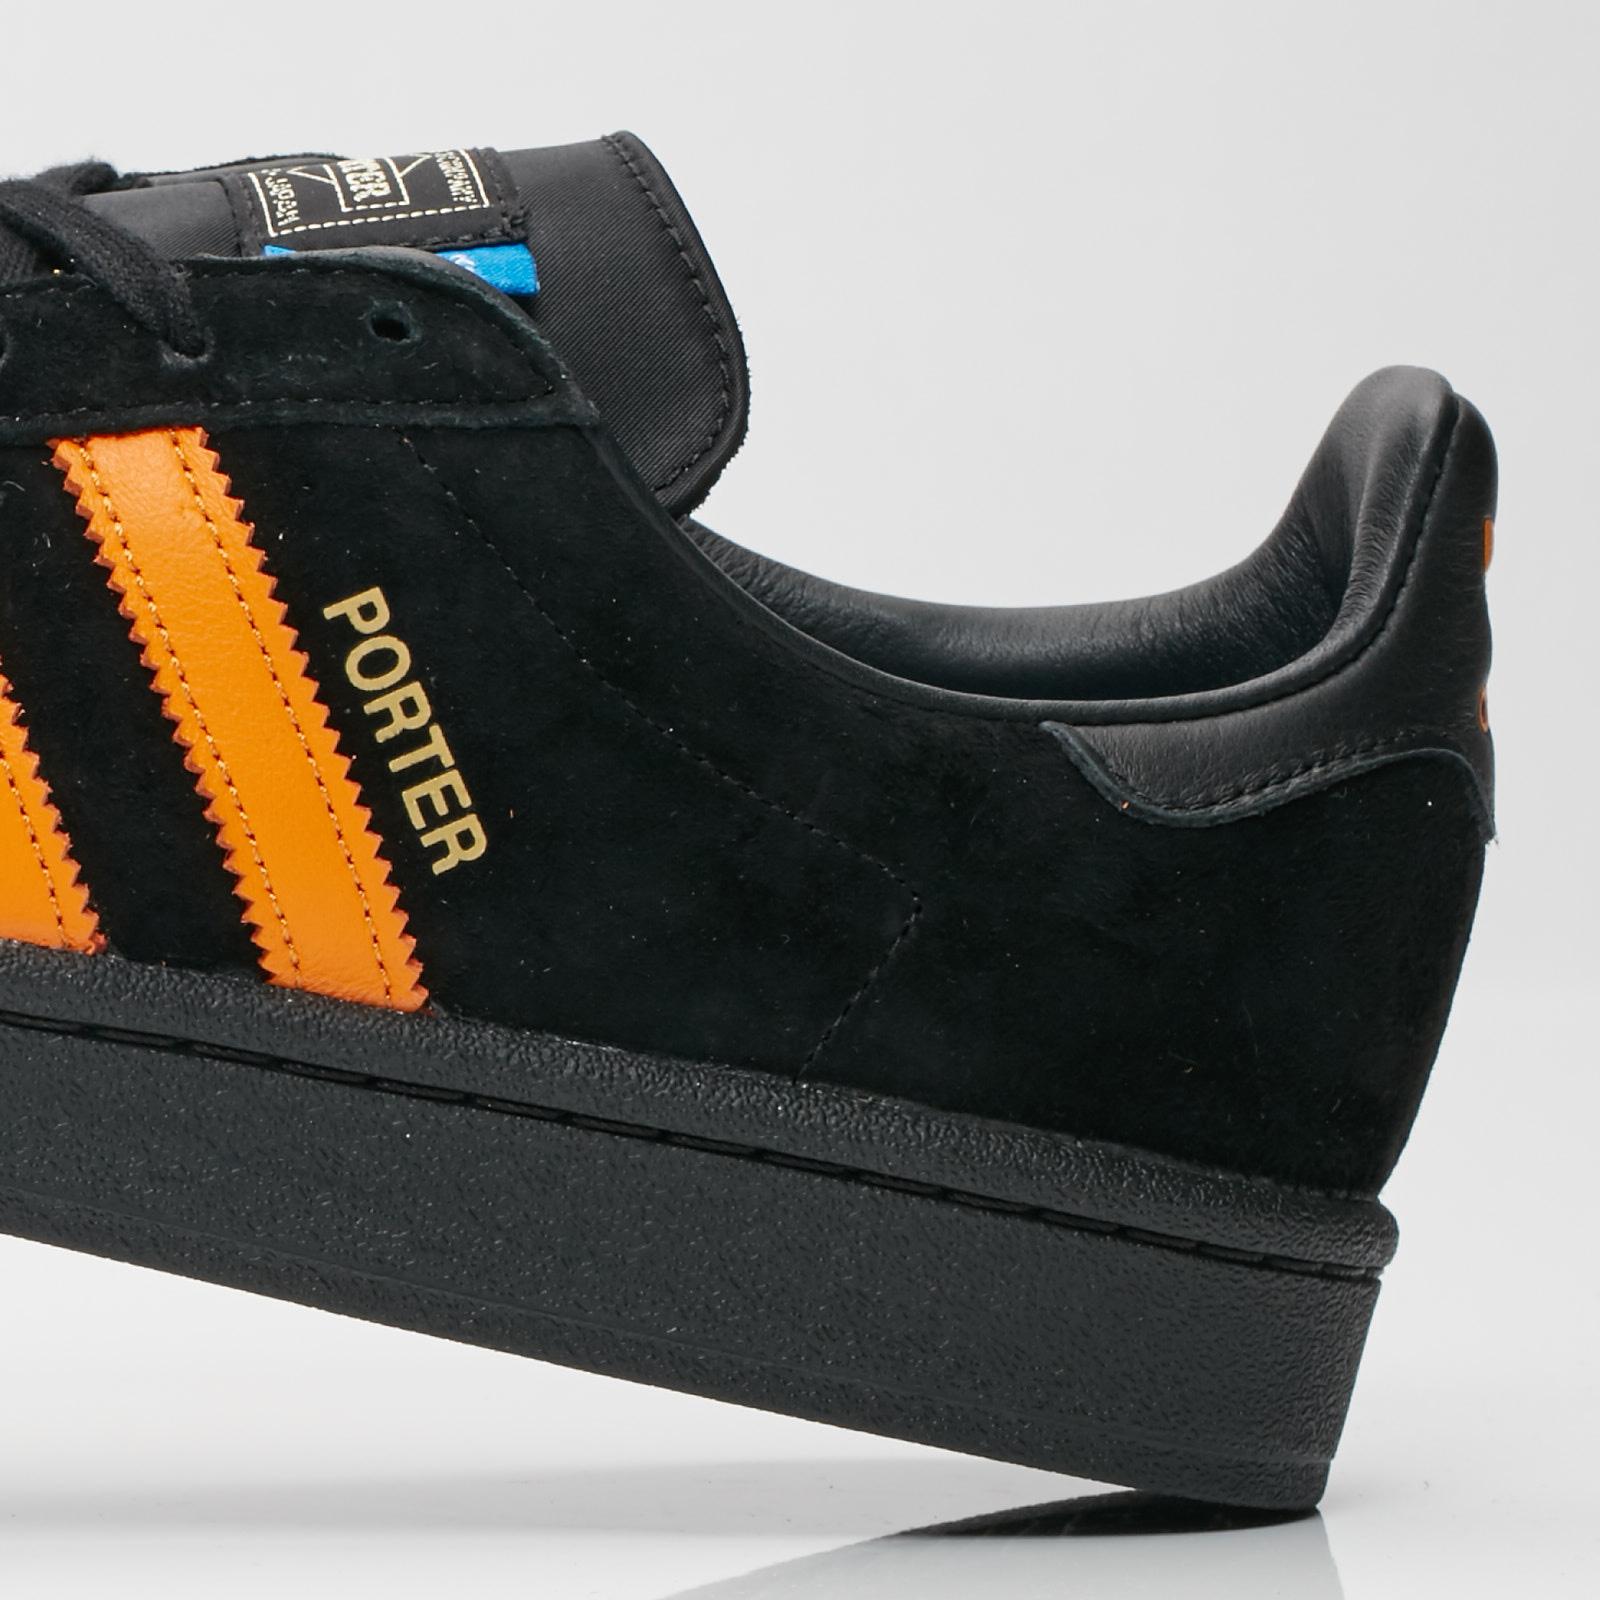 23a9ff76991b adidas Campus x Porter - B28143 - Sneakersnstuff